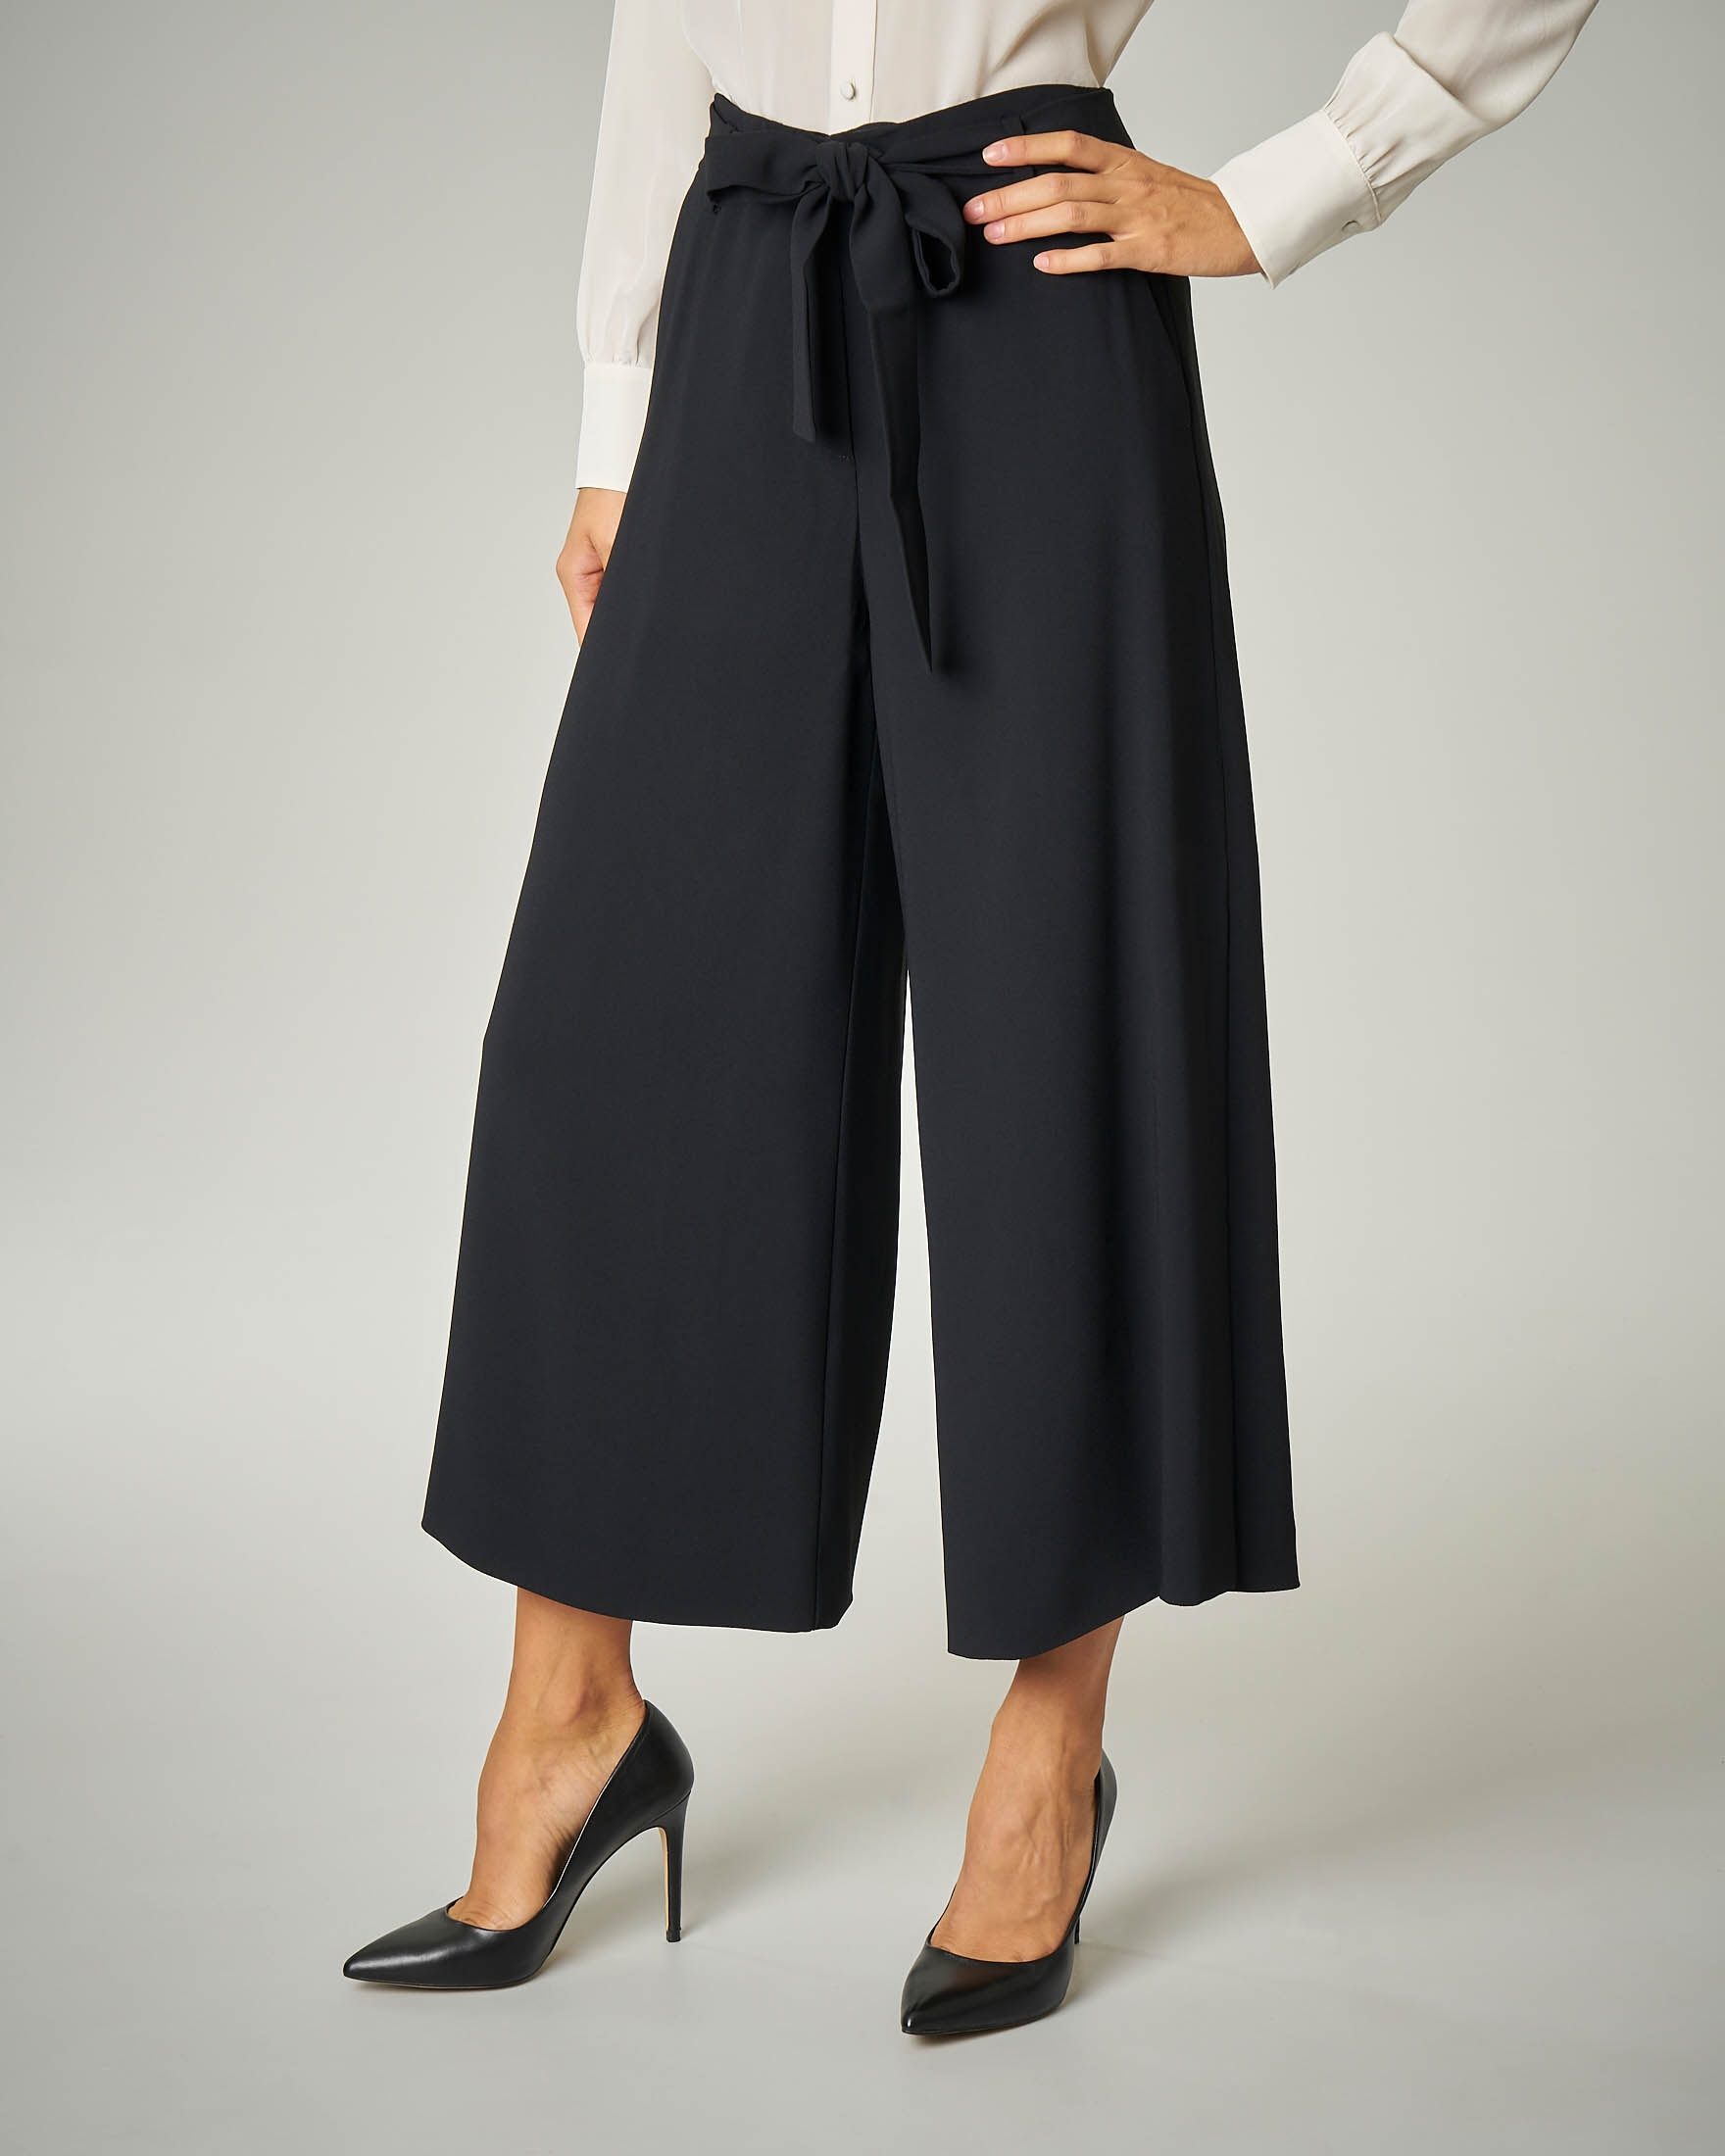 Pantalone nero alla caviglia con spacchi